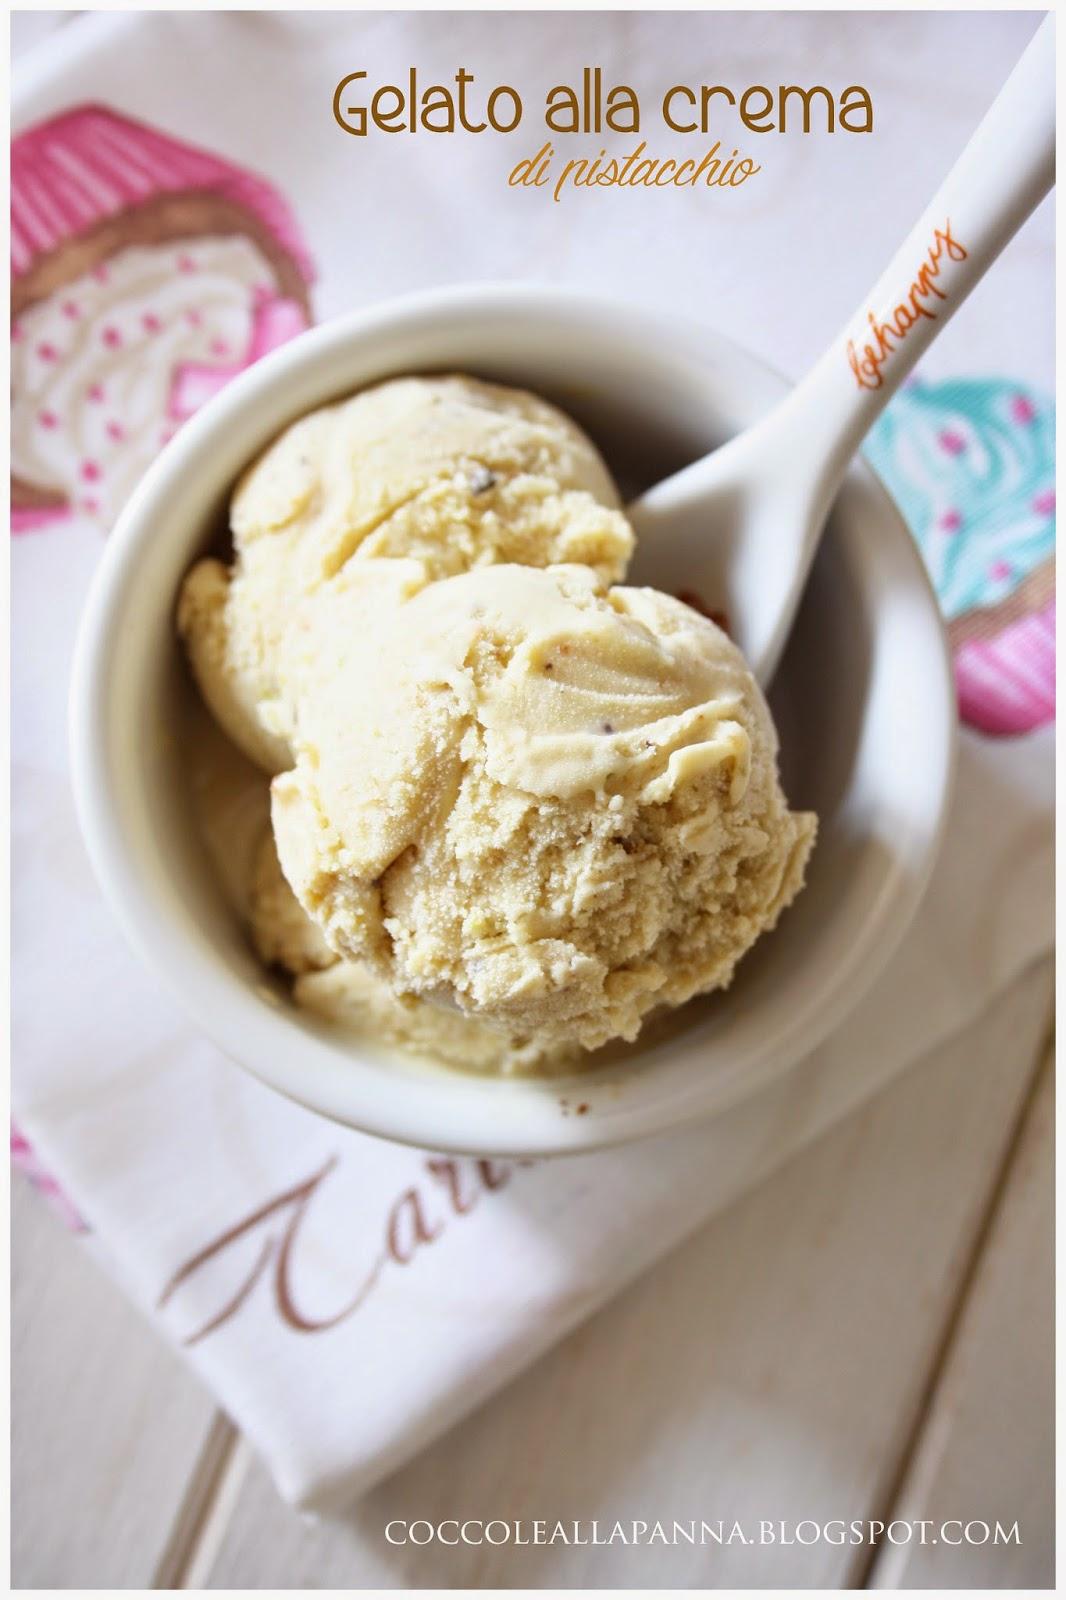 gelato alla crema di pistacchi